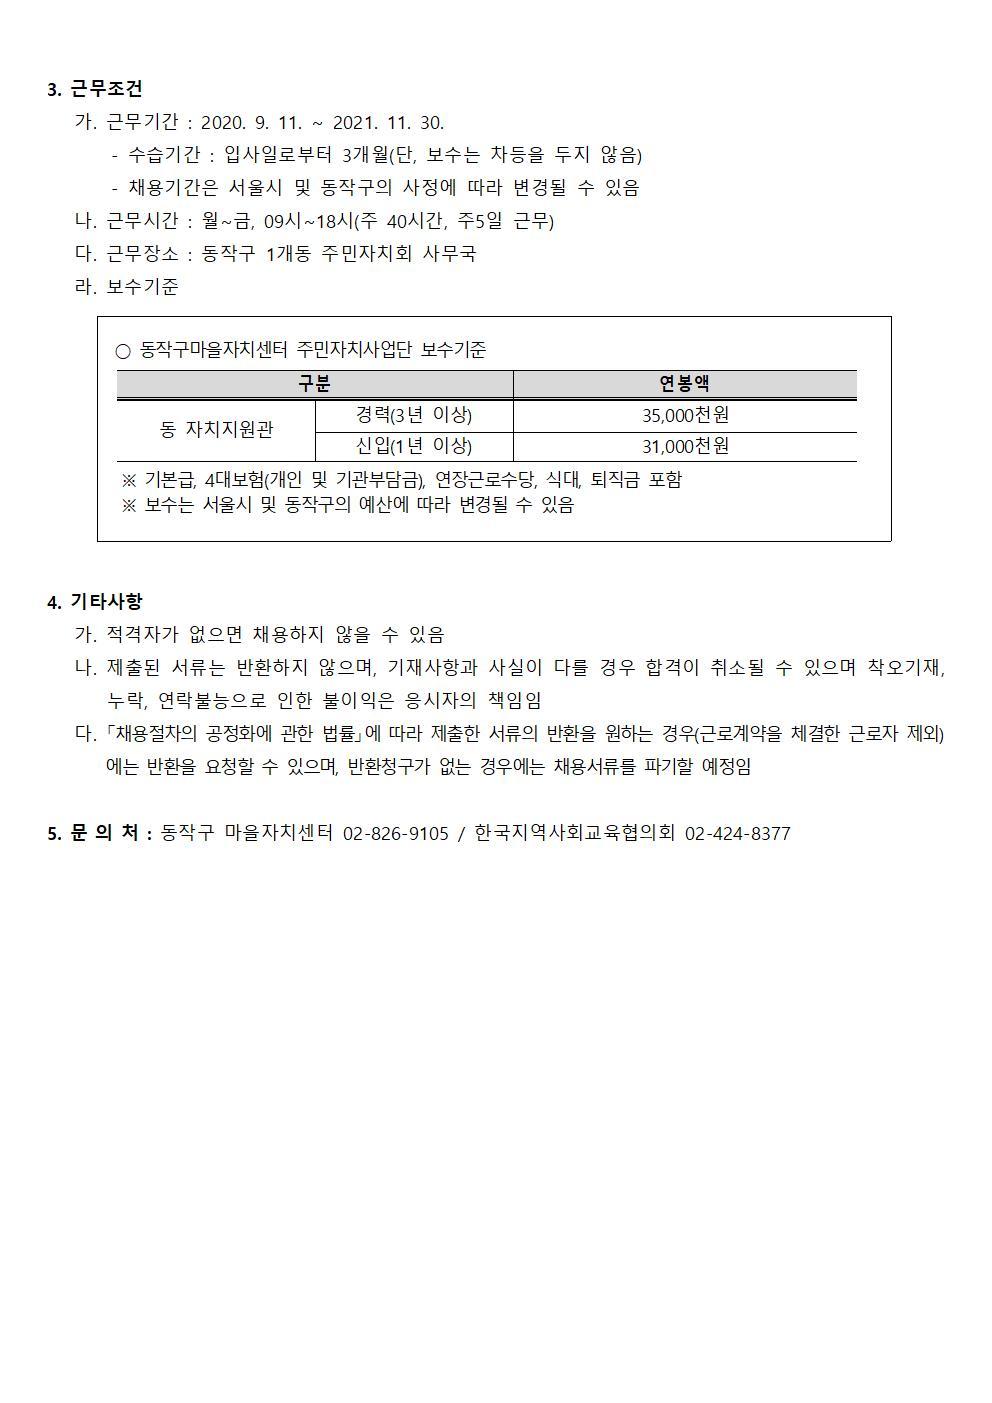 동작구마을자치센터 인력채용 모집 재공고문(2020.8.28002.jpg